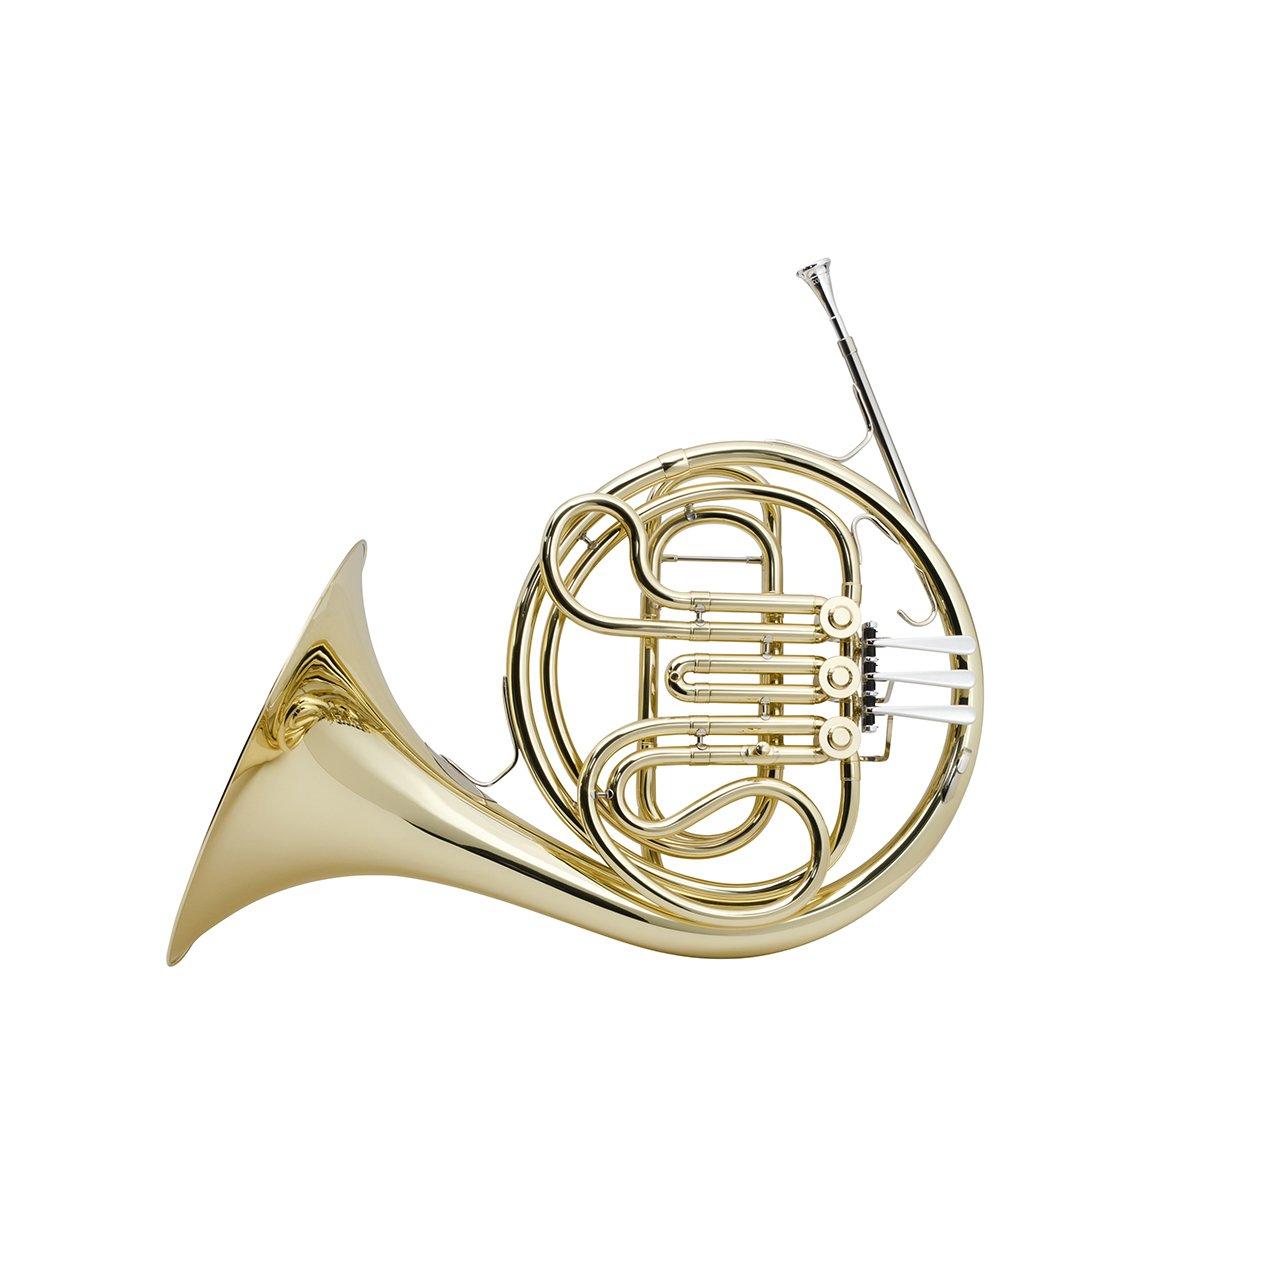 C.G. Conn 14D Student Model Single French Horn